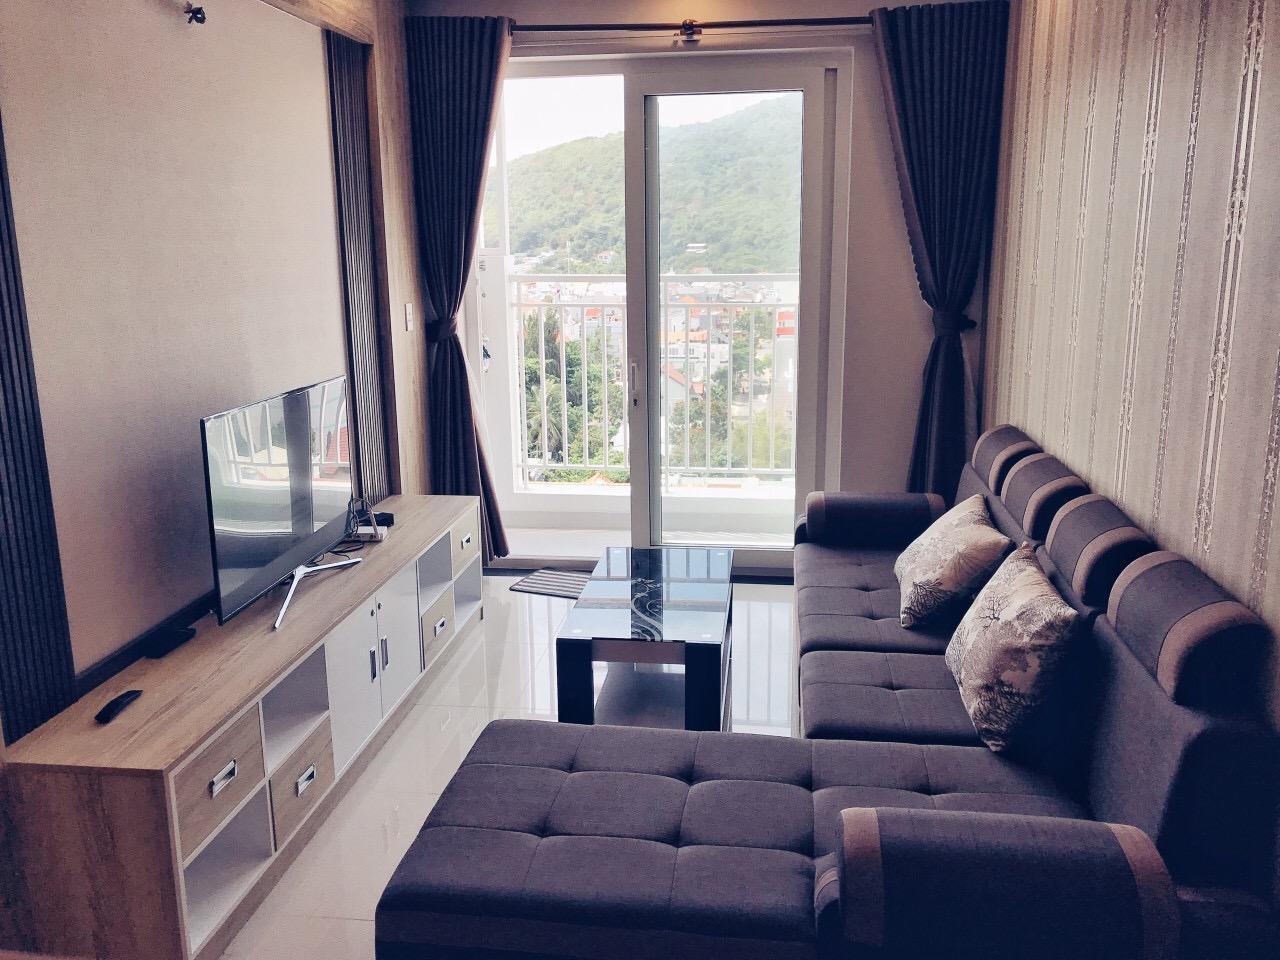 Amie's Luxury Apartment